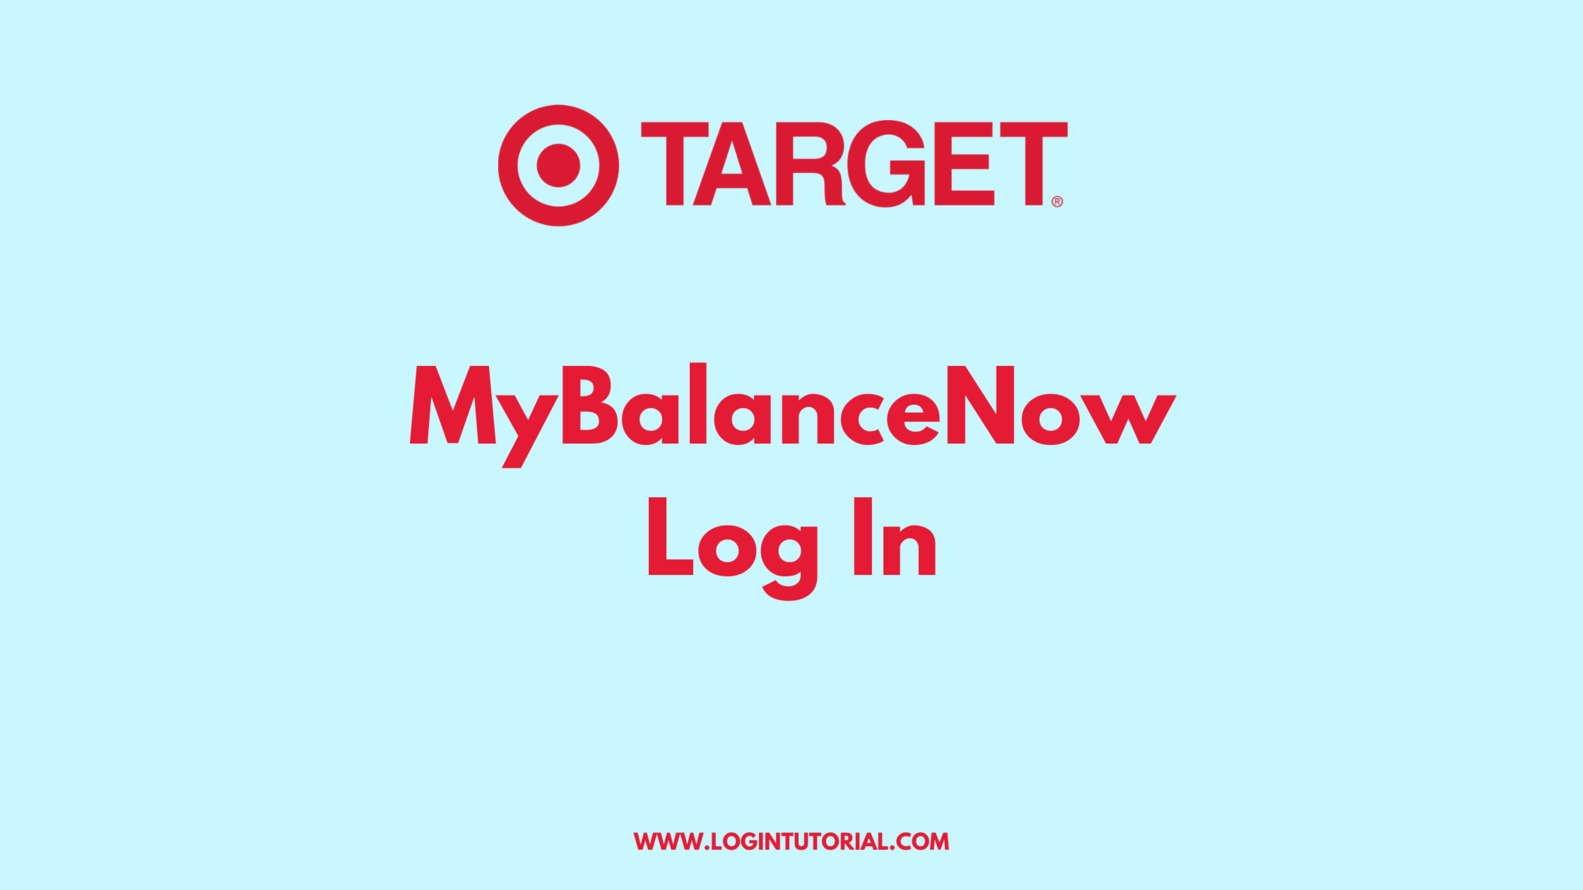 mybalancenow Target Login